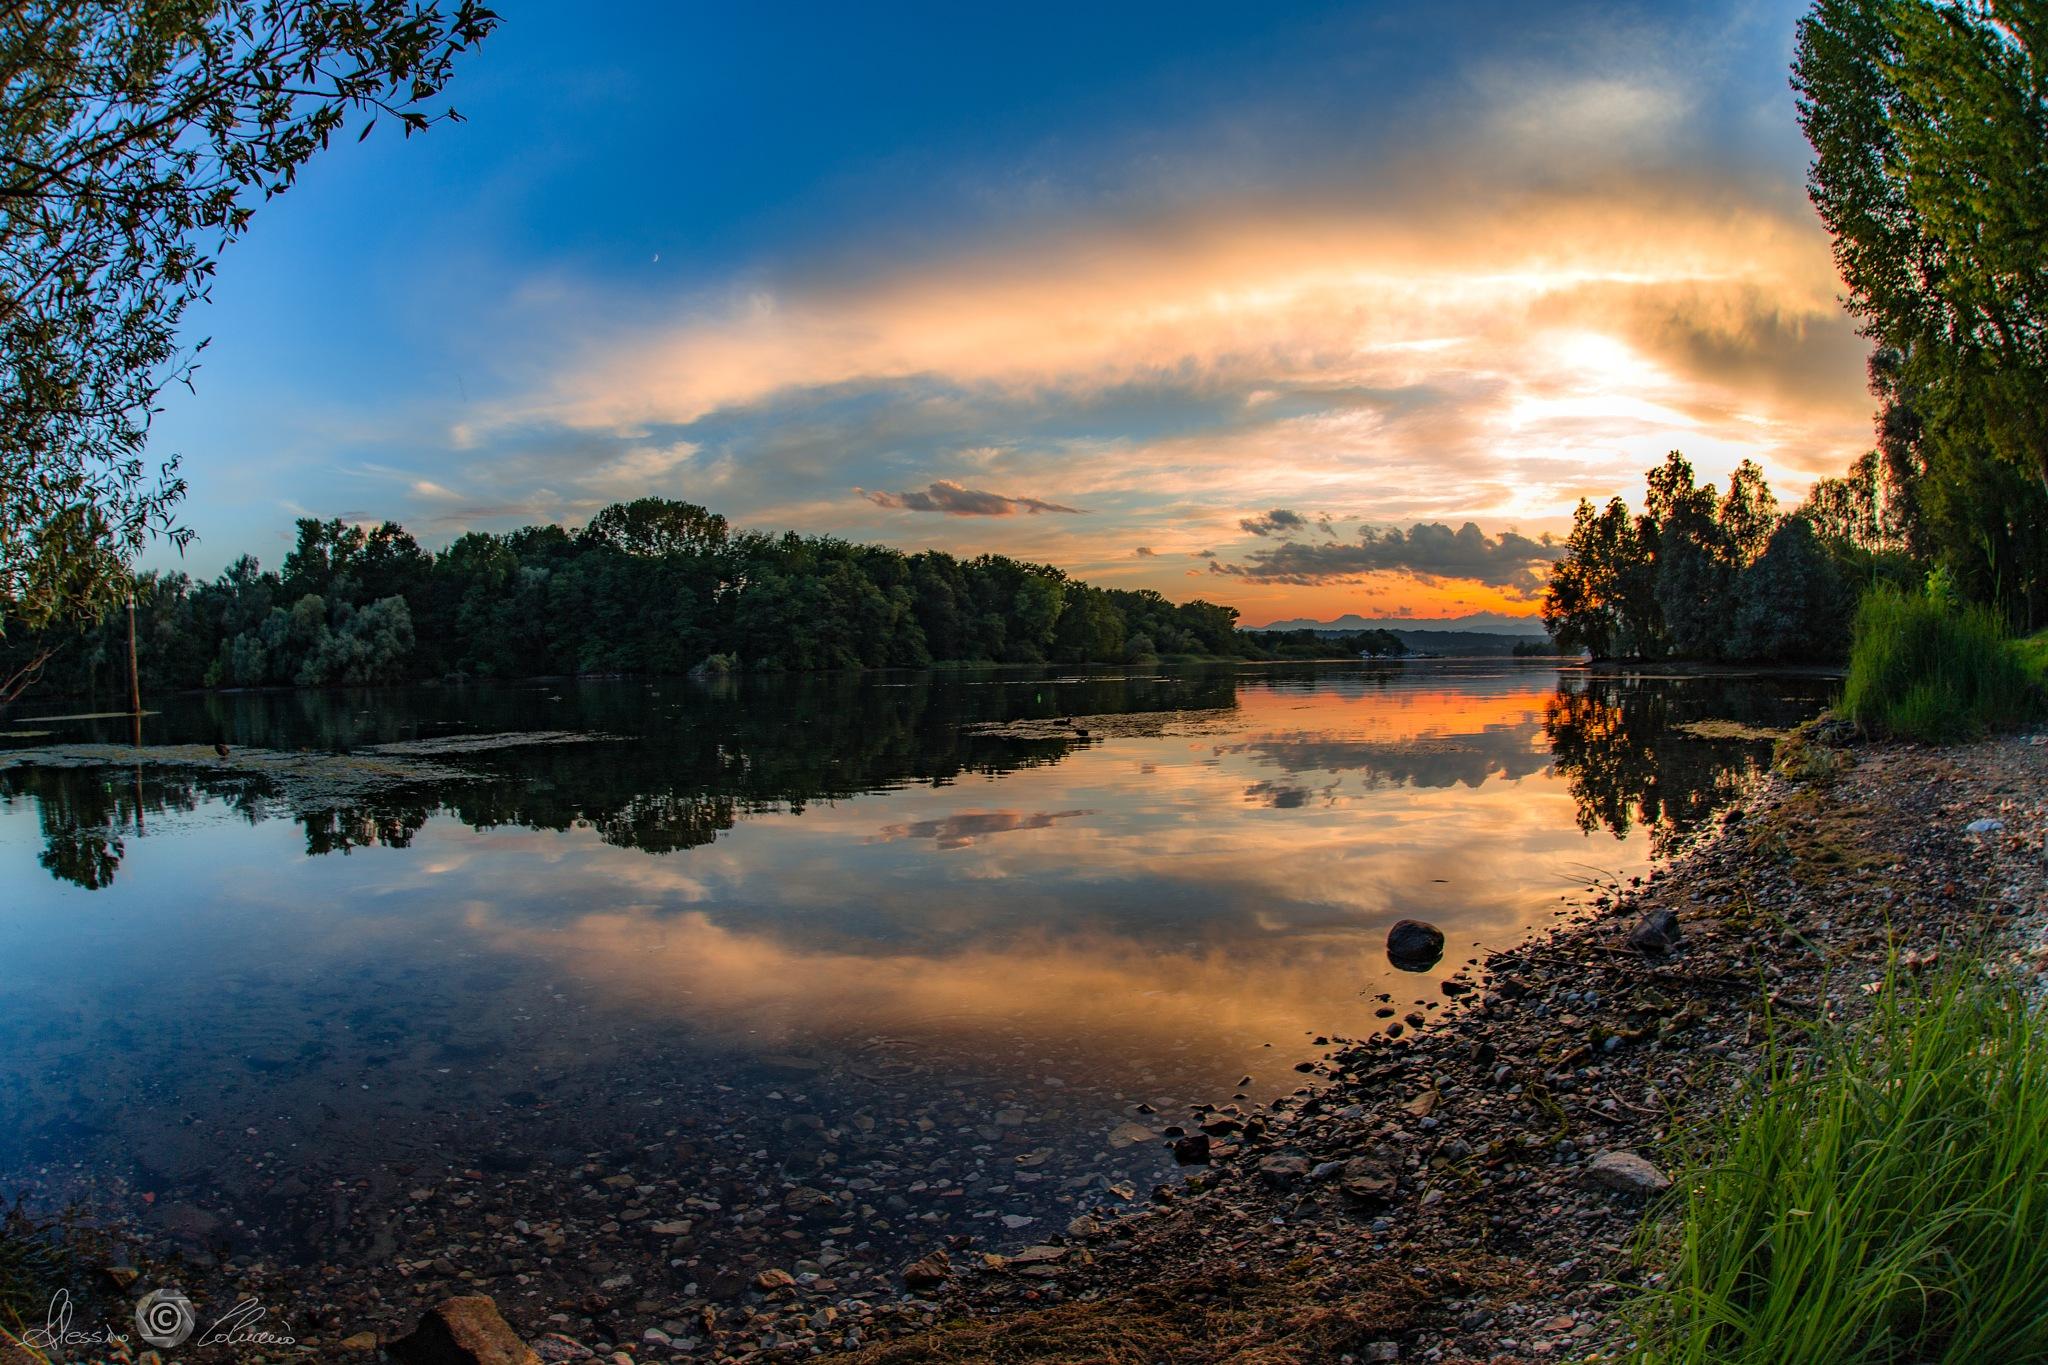 Sunset colors by Alessio Coluccio